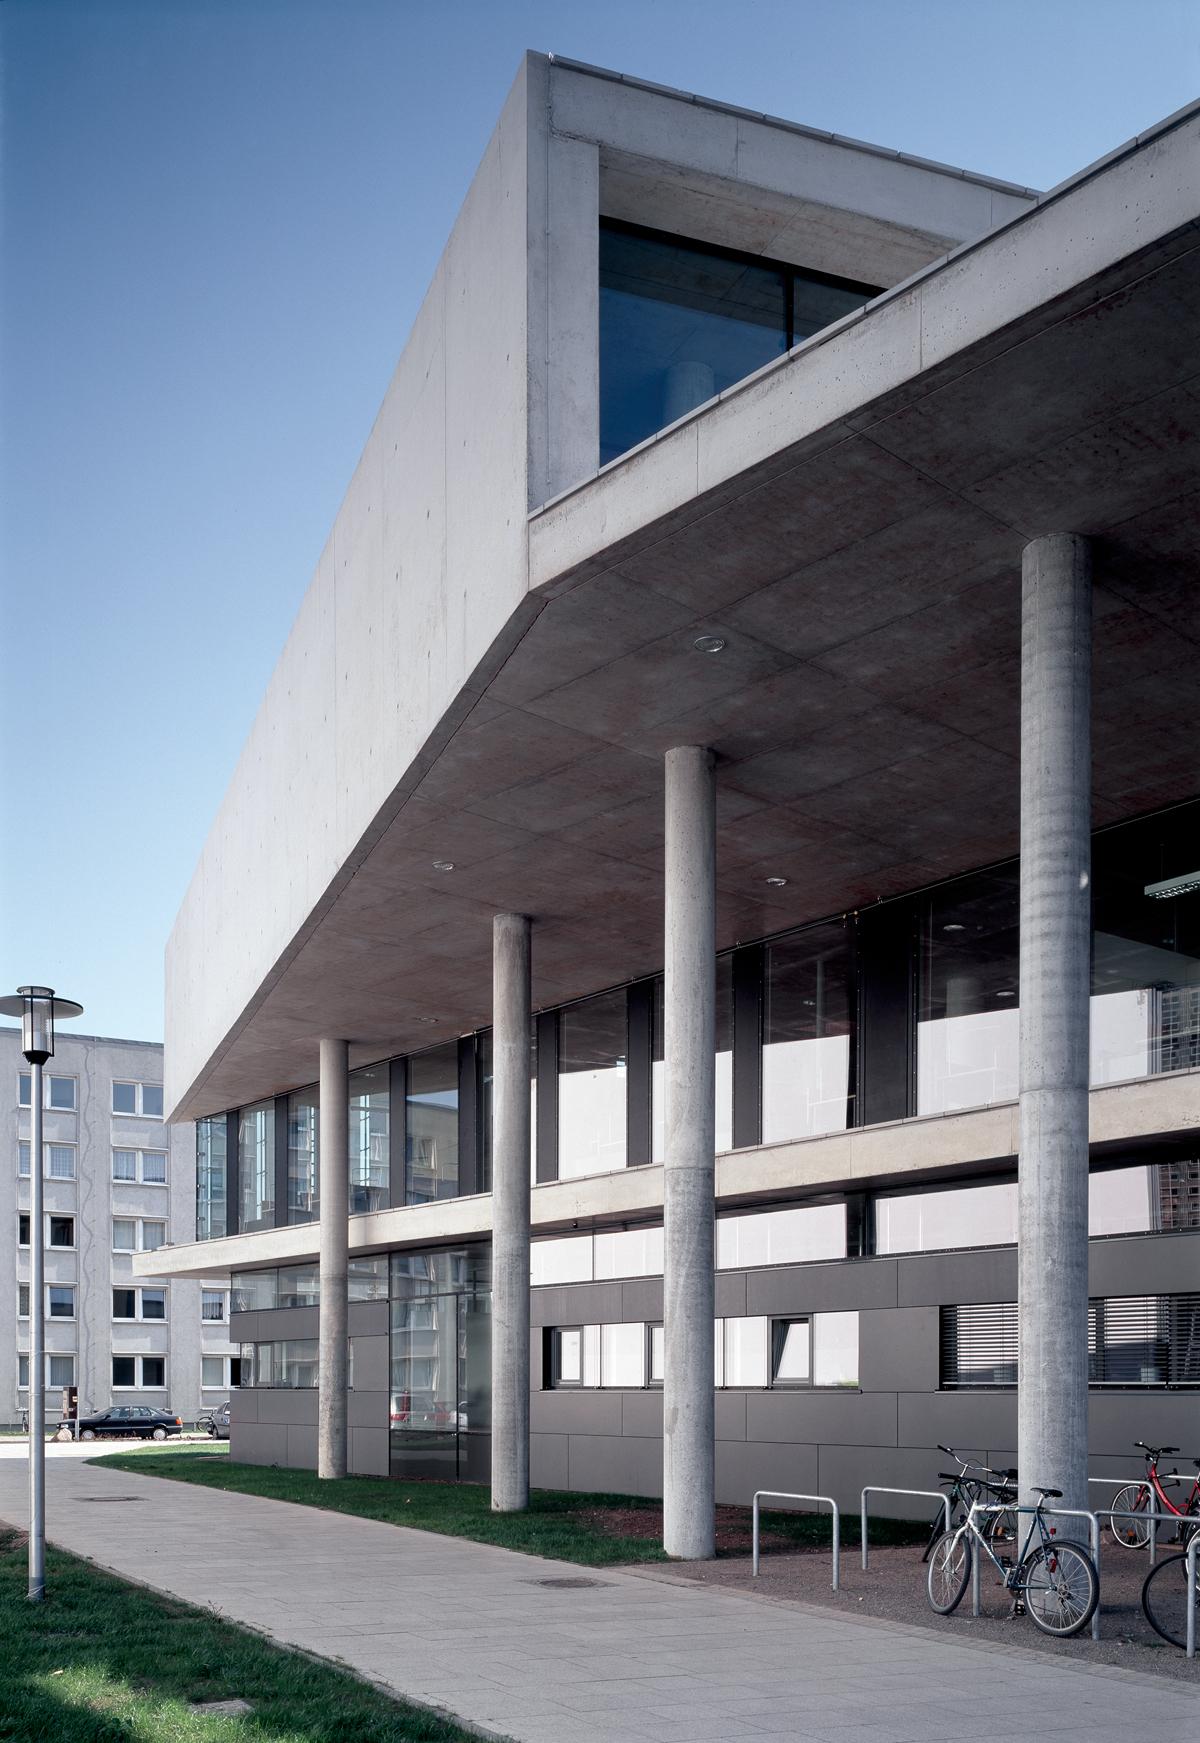 Magdeburg Architektur auer weber architekten bda projekte bibliothek der universität